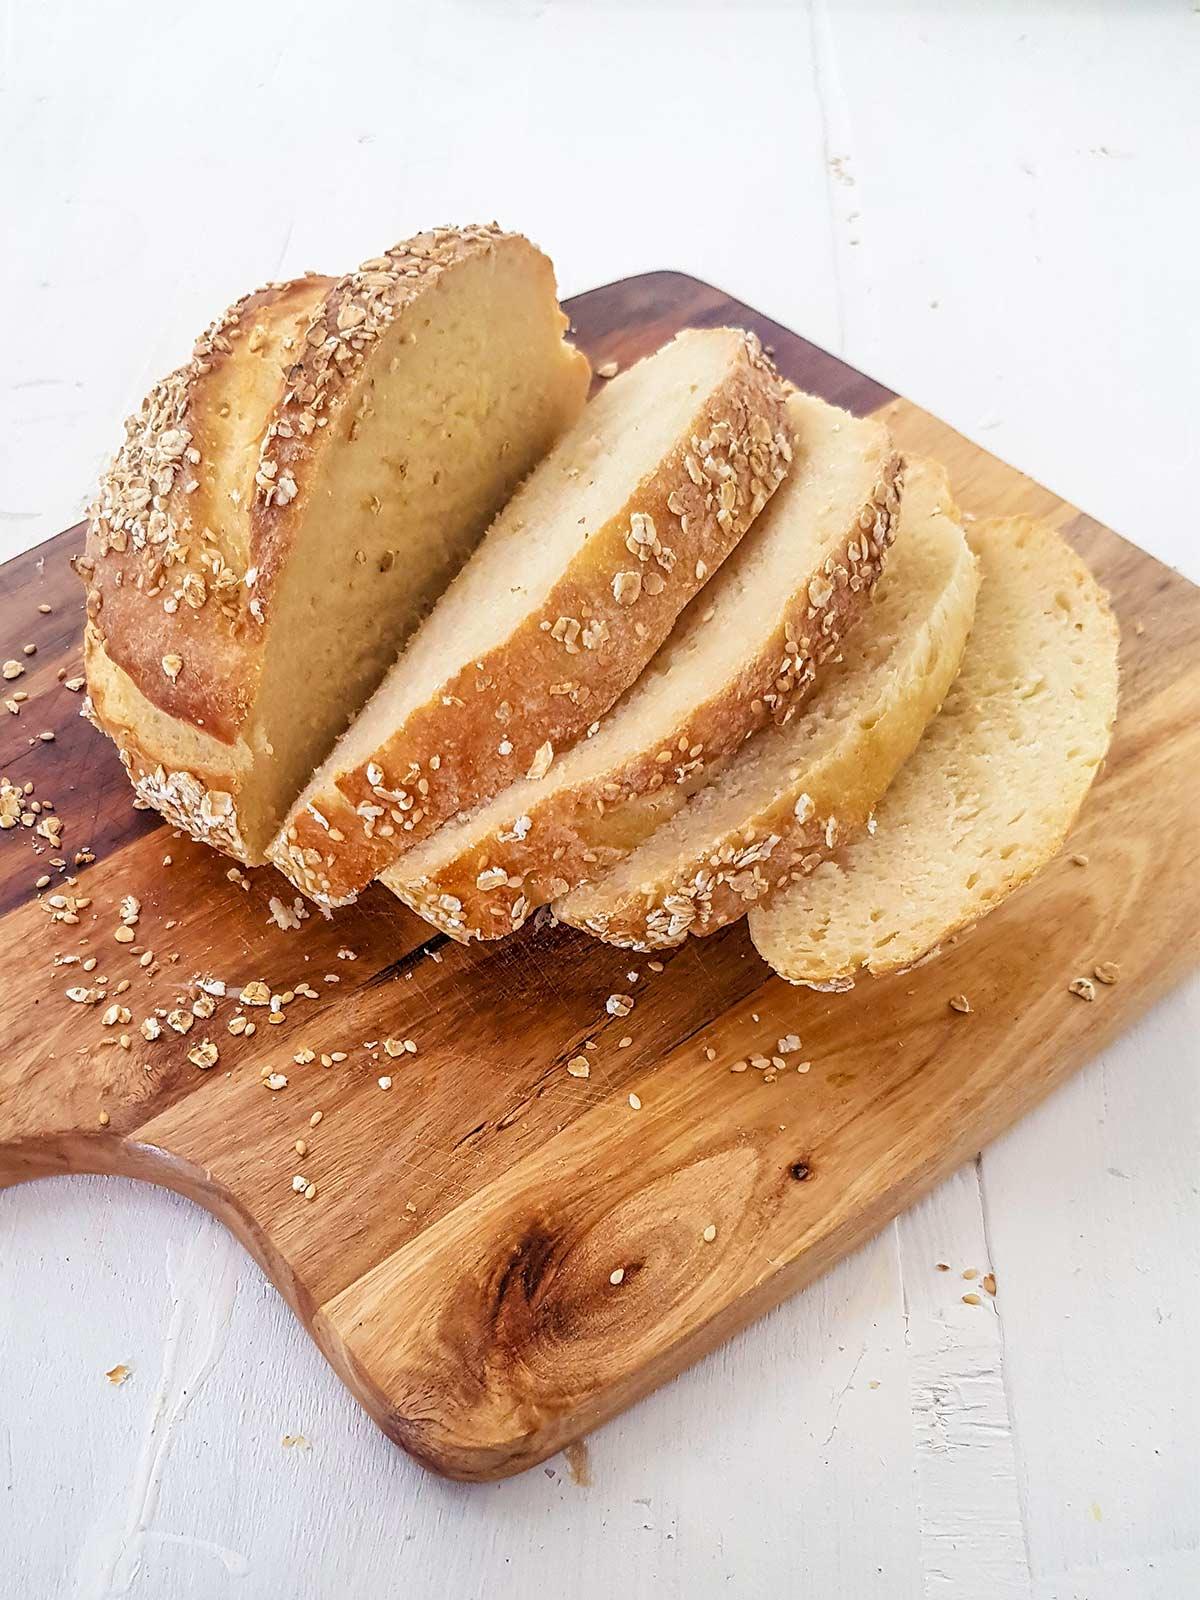 sliced bread dough for storing